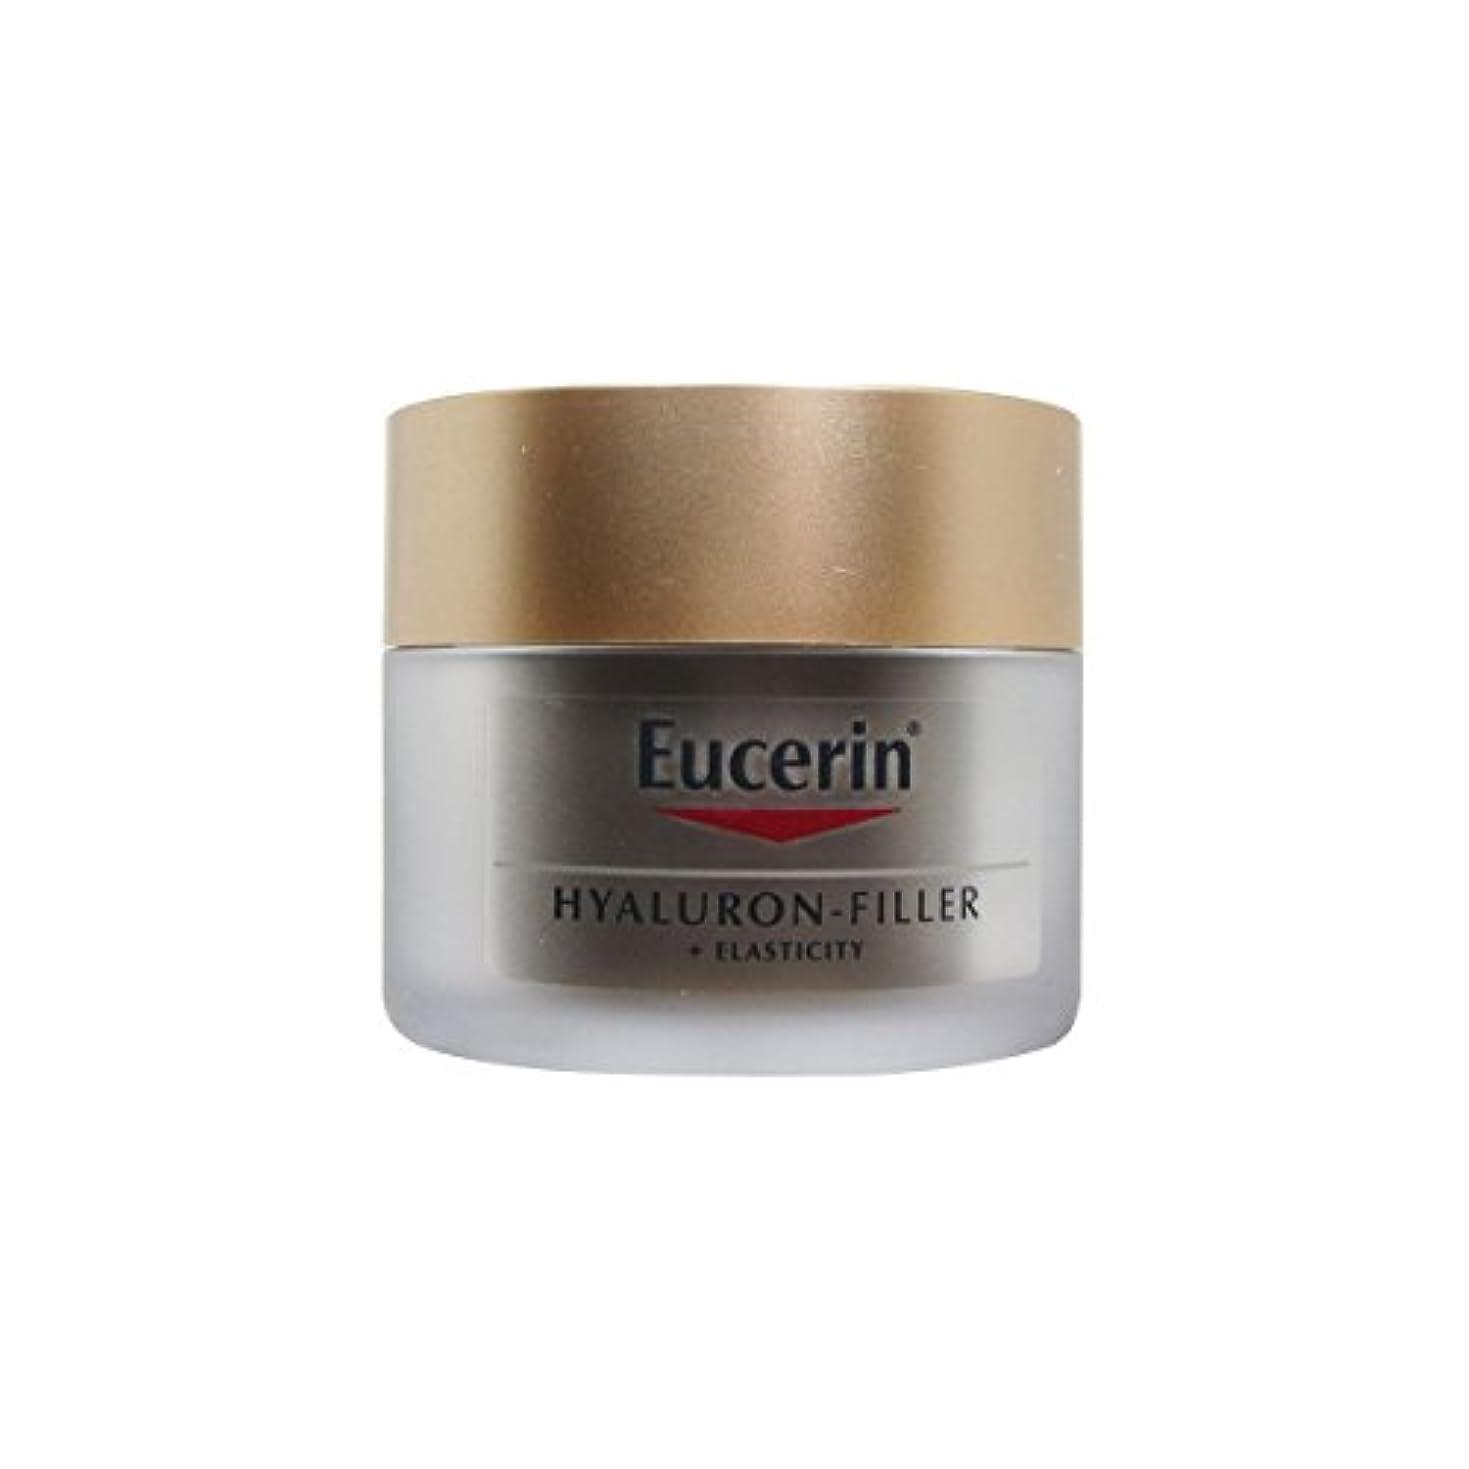 セマフォ概要偏差Eucerin Hyaluron Filler + Elasticity Night Cream 50ml [並行輸入品]